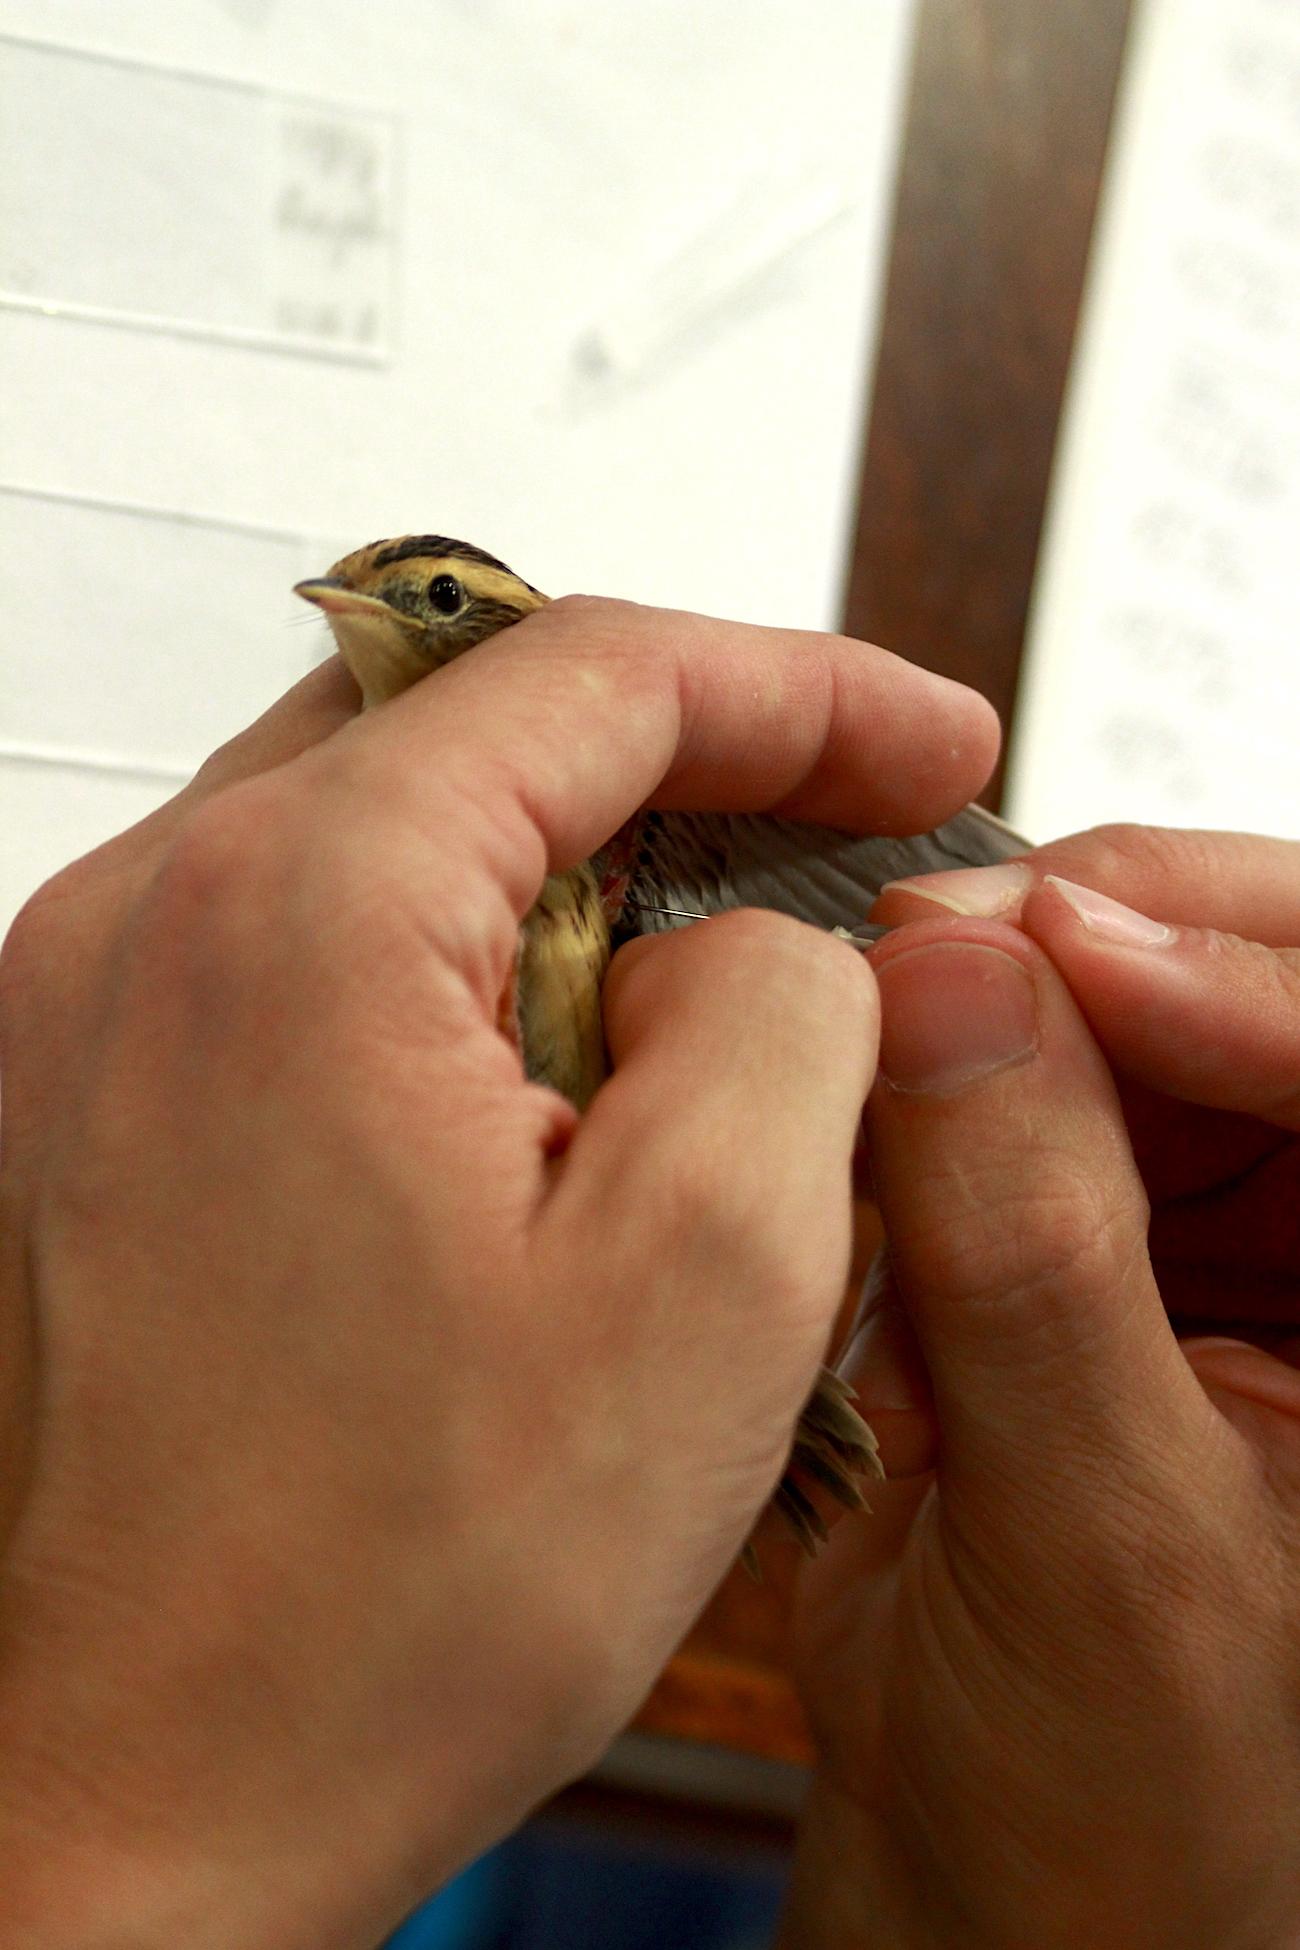 meldinių nendrinukių kraujo tyrimai - kraujo ėmimas siekiant nustatyti paukščių lytį